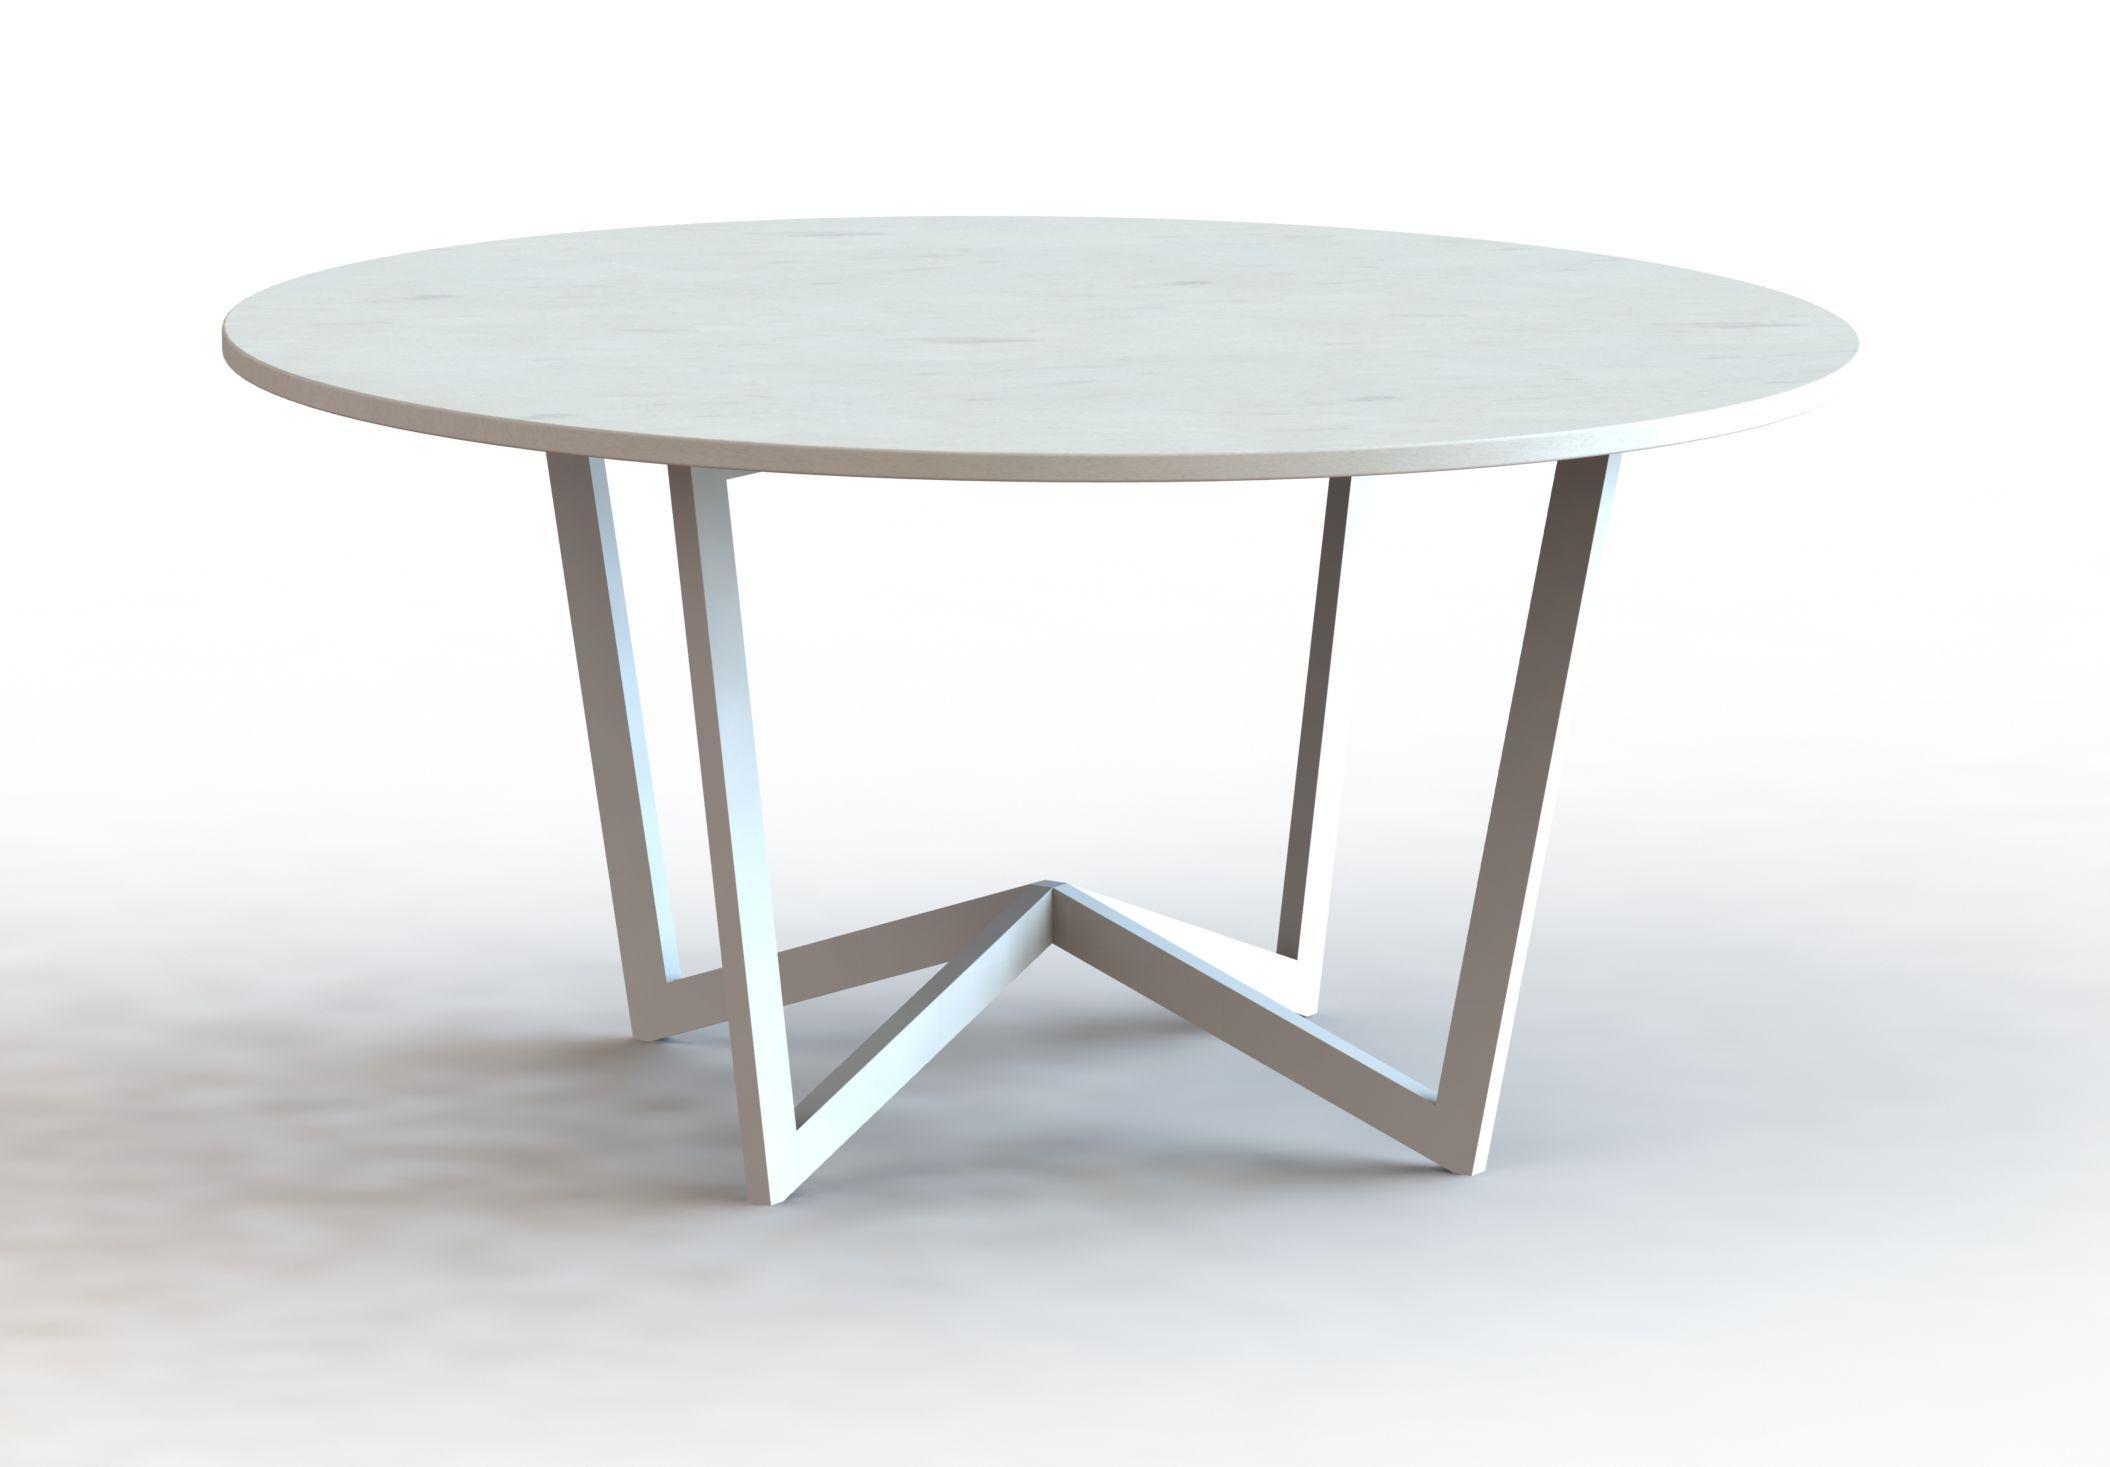 Custom Made Metal Table Base Walter Metal Table Frame Glass